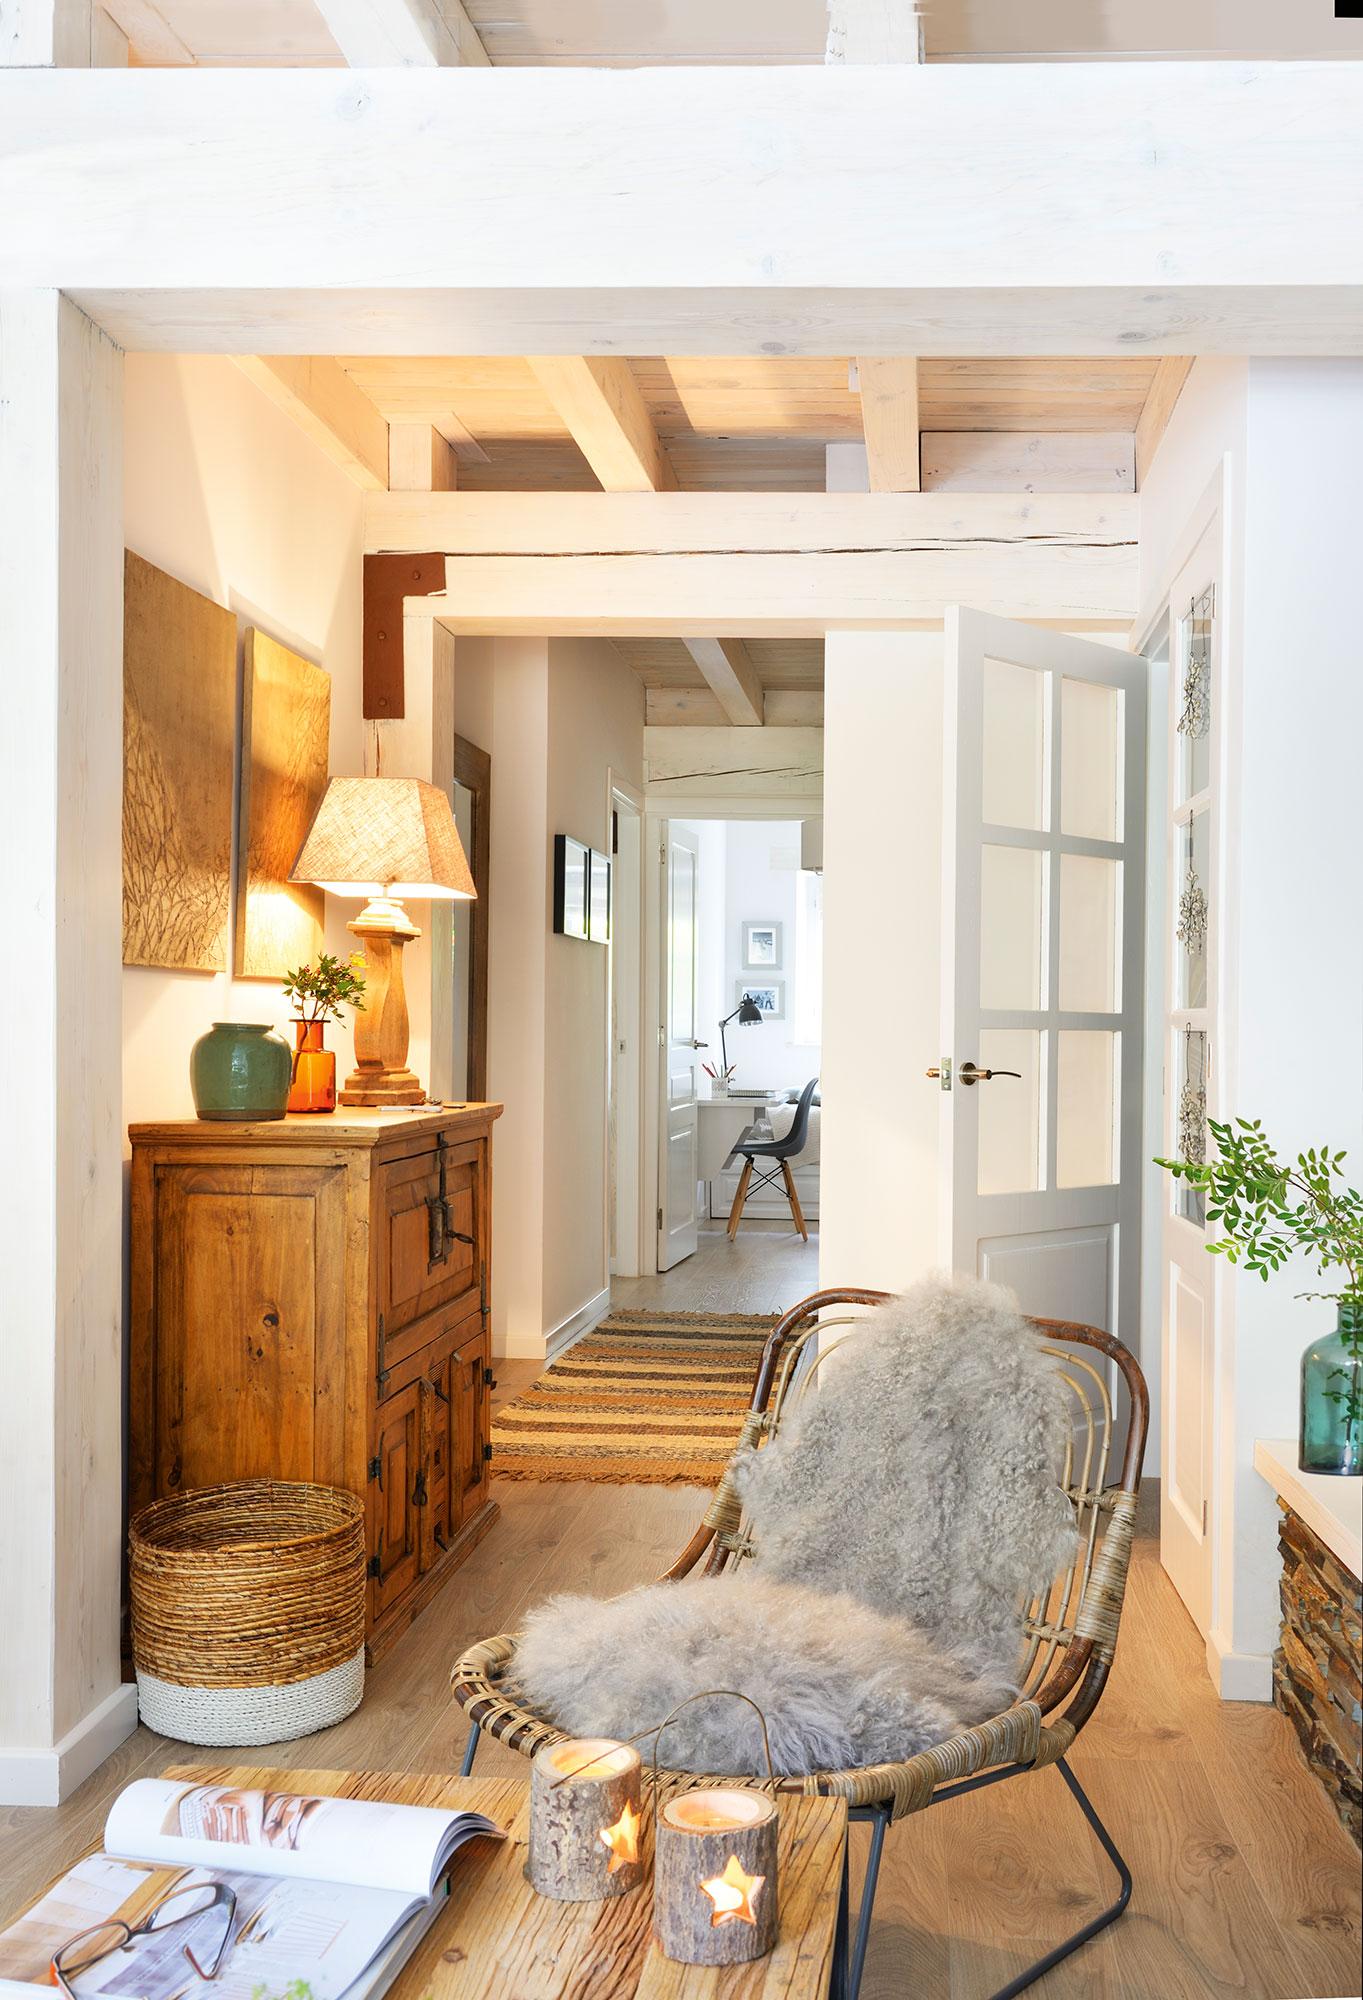 Recibidores Y Pasillos Buenas Ideas Para Decorarlos Y Aprovecharlos # Muebles Recibidor Ikea